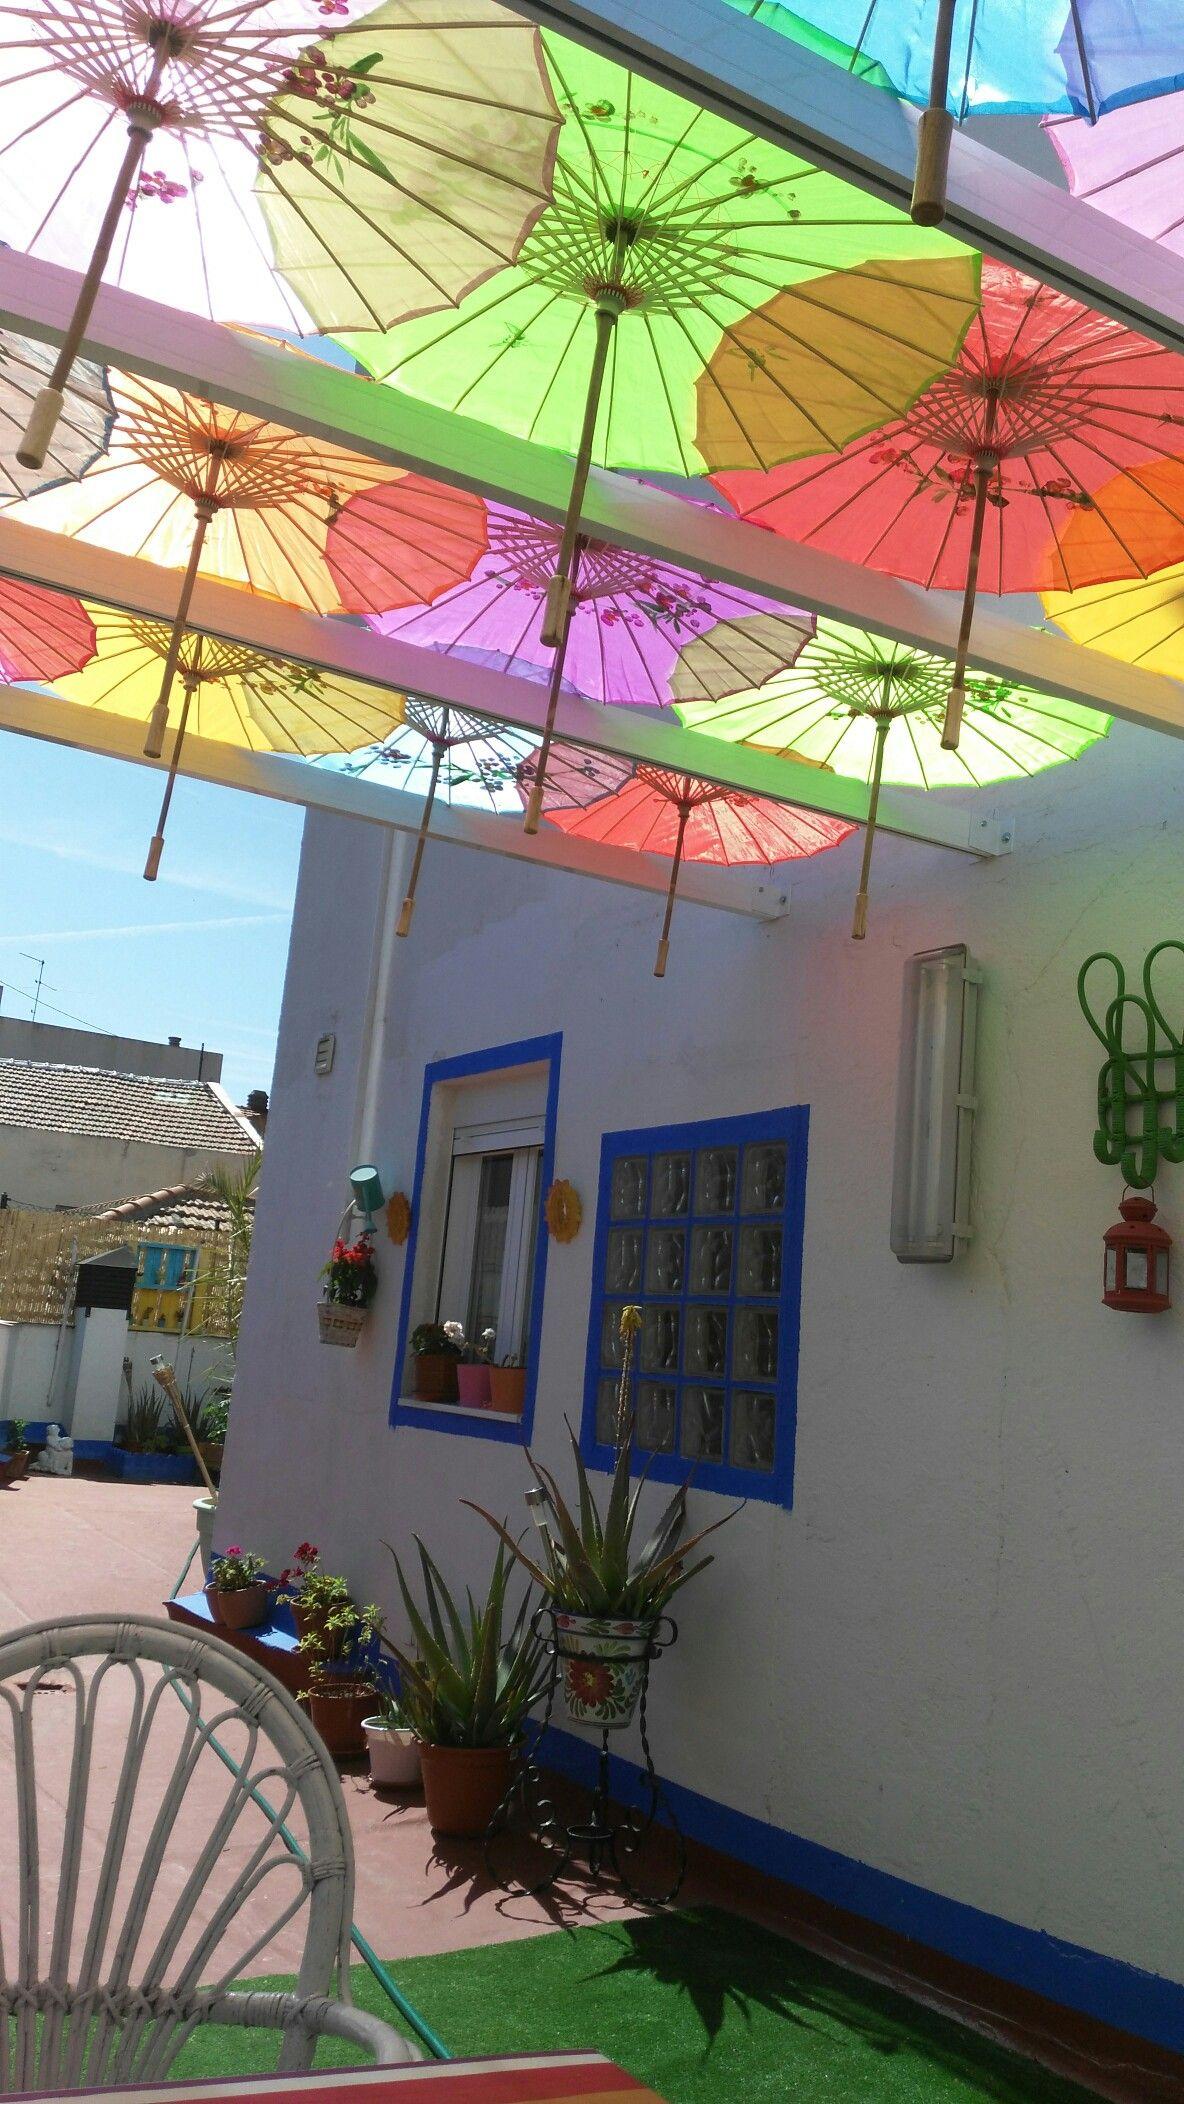 Sombrillas colores para terrazas terrazas pinterest colores para terrazas y sombras - Sombrillas para terrazas ...